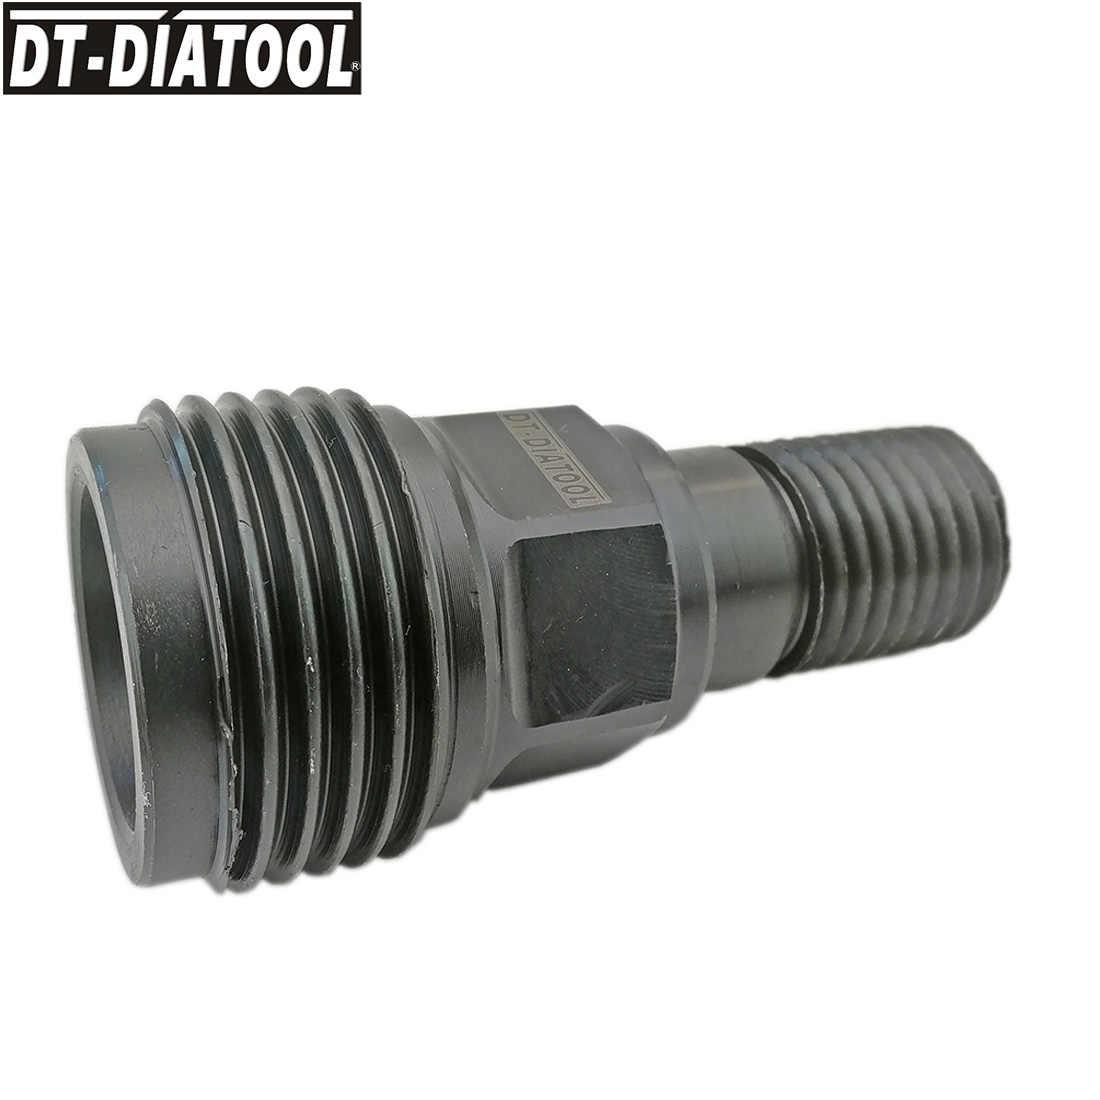 DT-DIATOOL Diamond Drill Bit Adapter DD-BL to DD-BS for HILTI